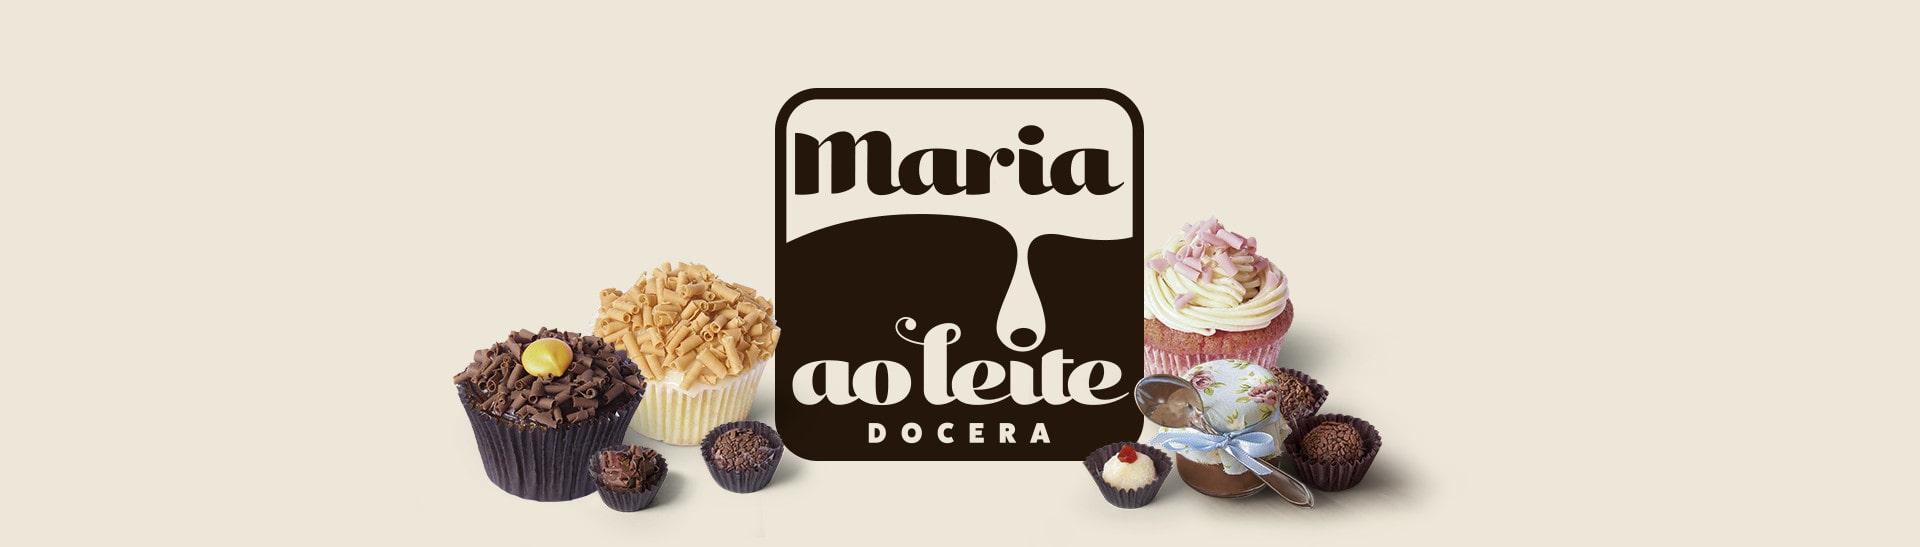 Logotipo Maria ao Leite